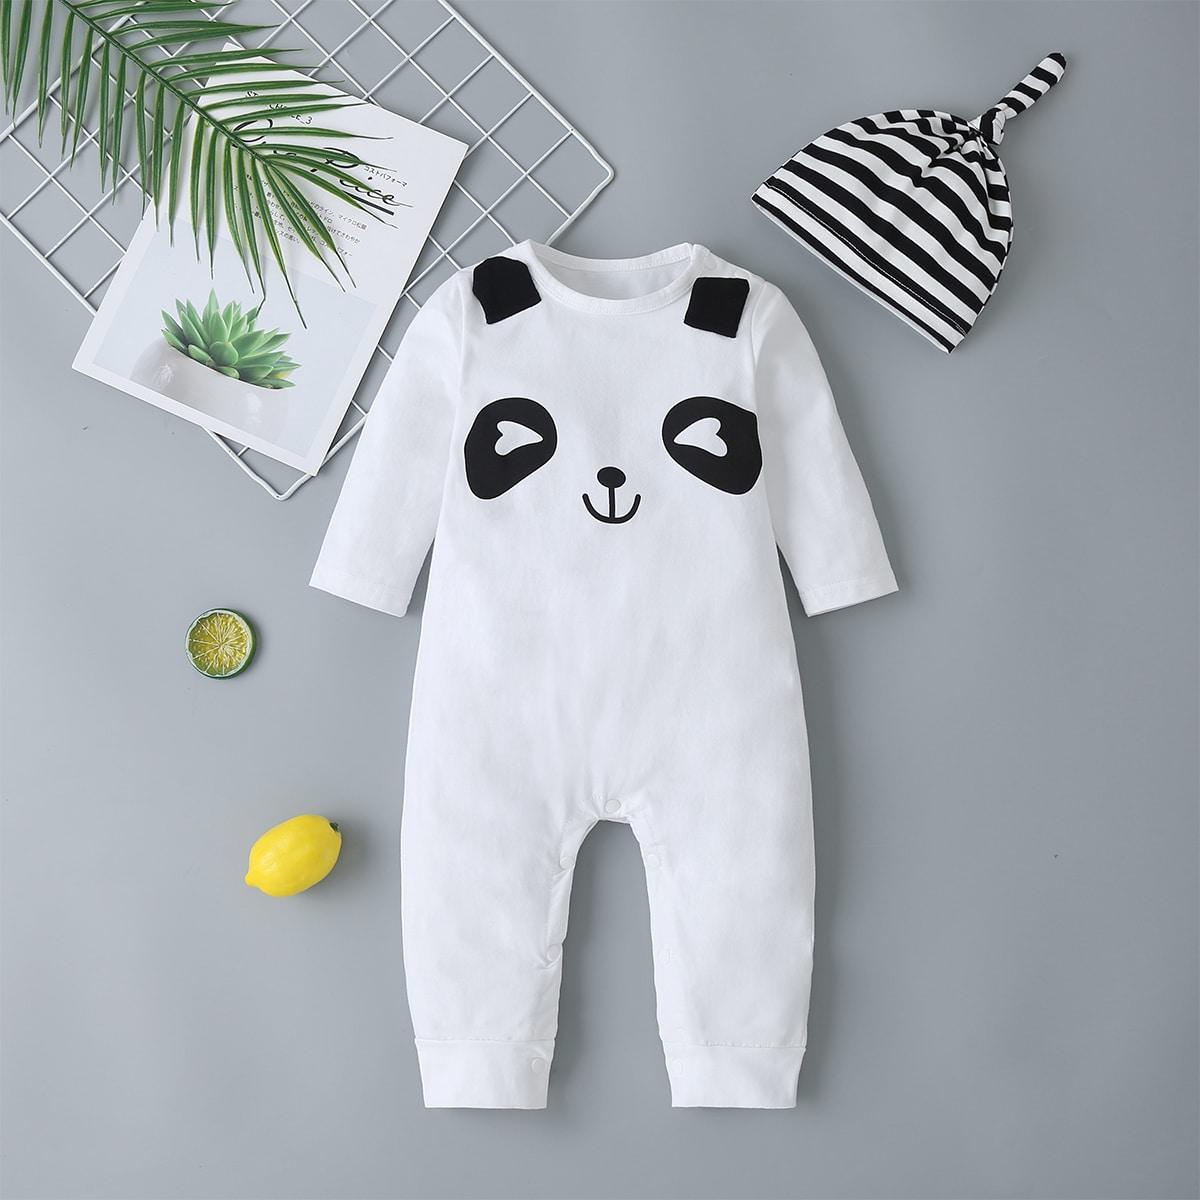 Комбинезон с пуговицами и принтом панды и шляпа для младенца от SHEIN